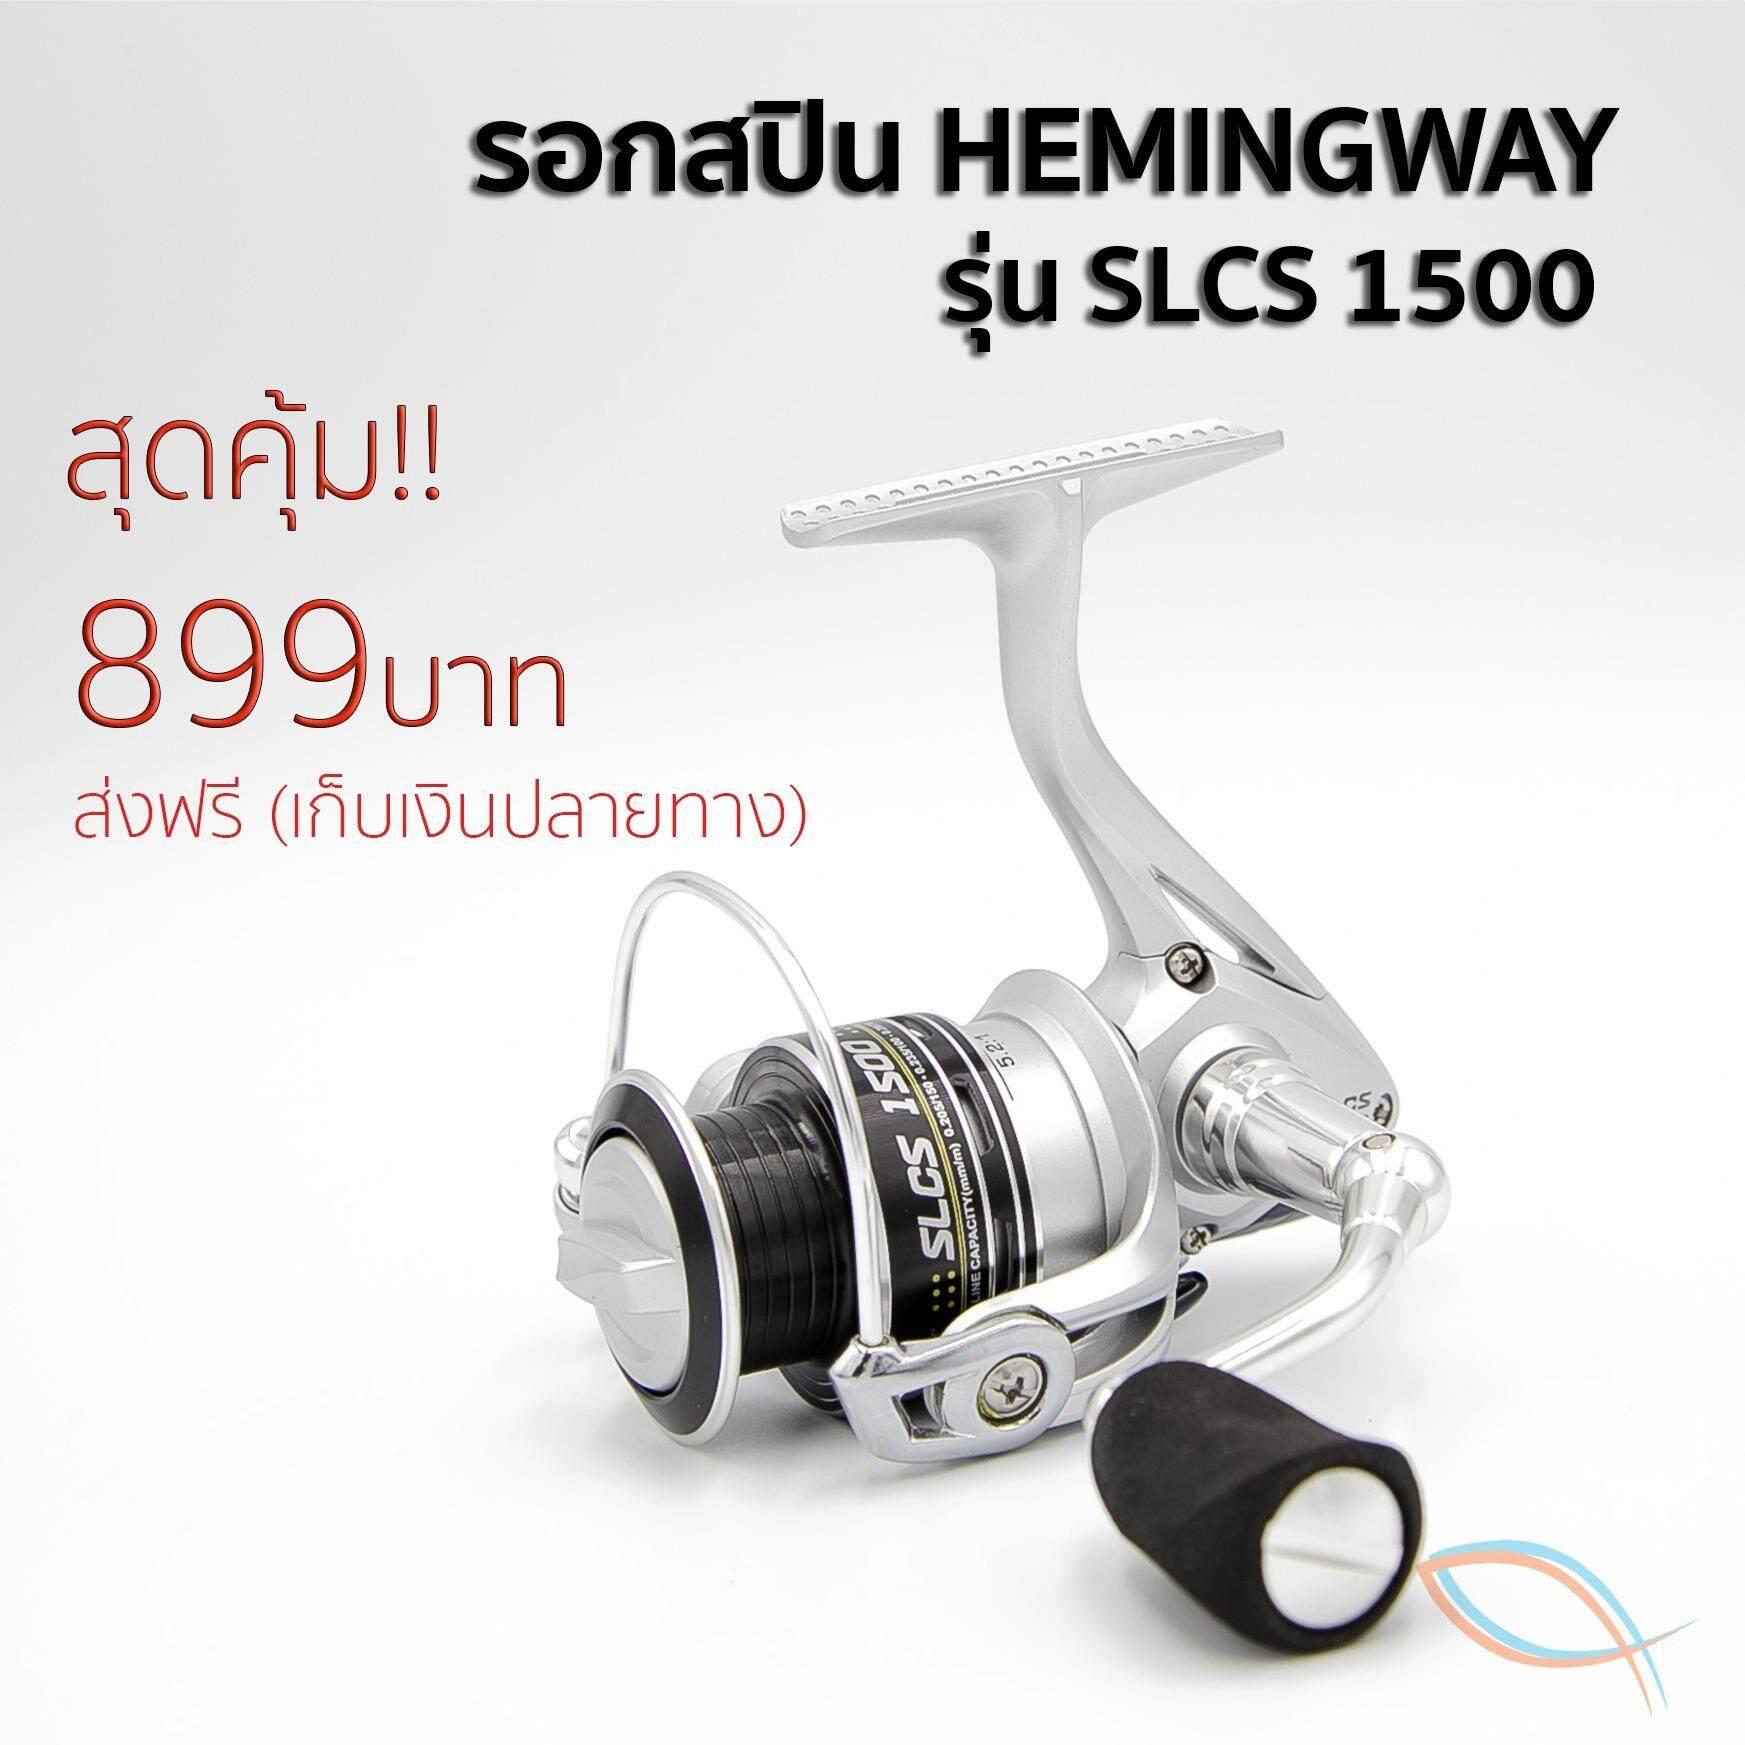 ขาย รอกตกปลา รอกสปินนิ่ง Hemingway Slcs 1500 ยอดฮิต Hemningway ใน กรุงเทพมหานคร